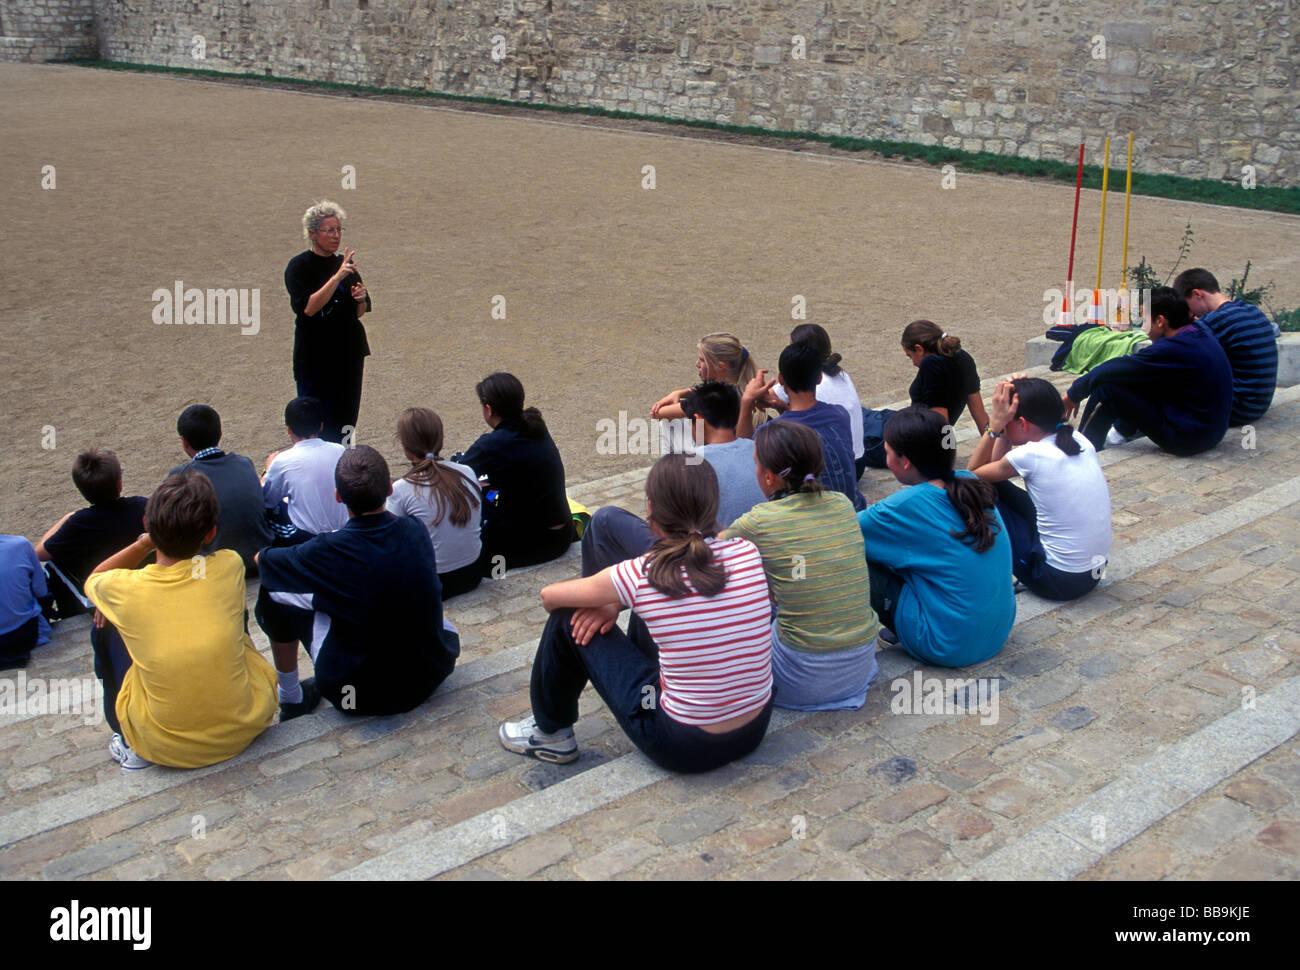 gym class, students, teacher, professor, Lycee Charlemagne, Marais District, Paris, Ile-de-France, France, Europe - Stock Image